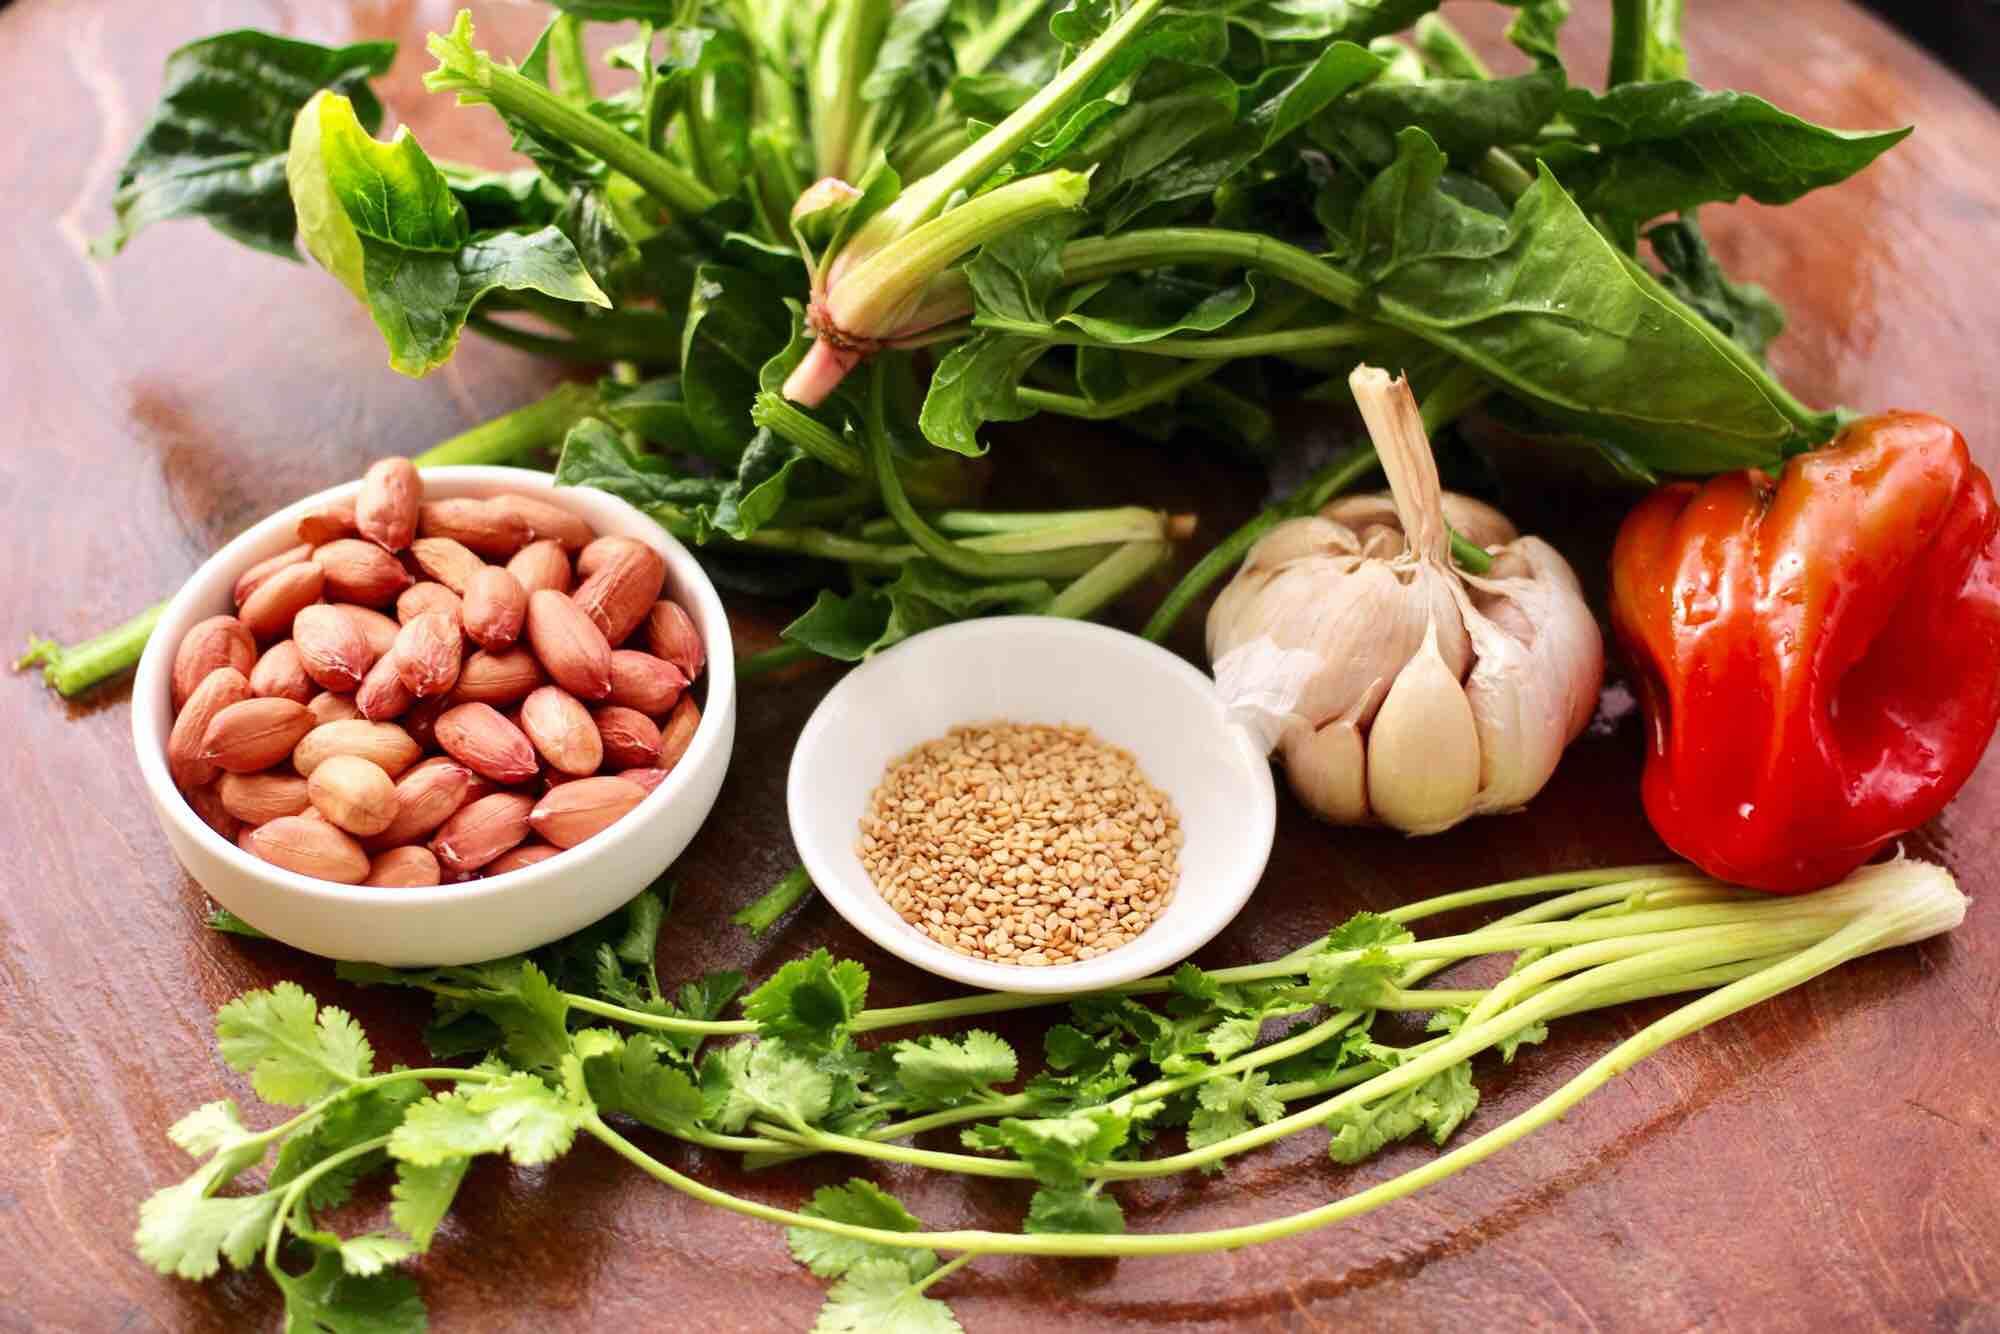 花生米拌红根菠菜的做法大全